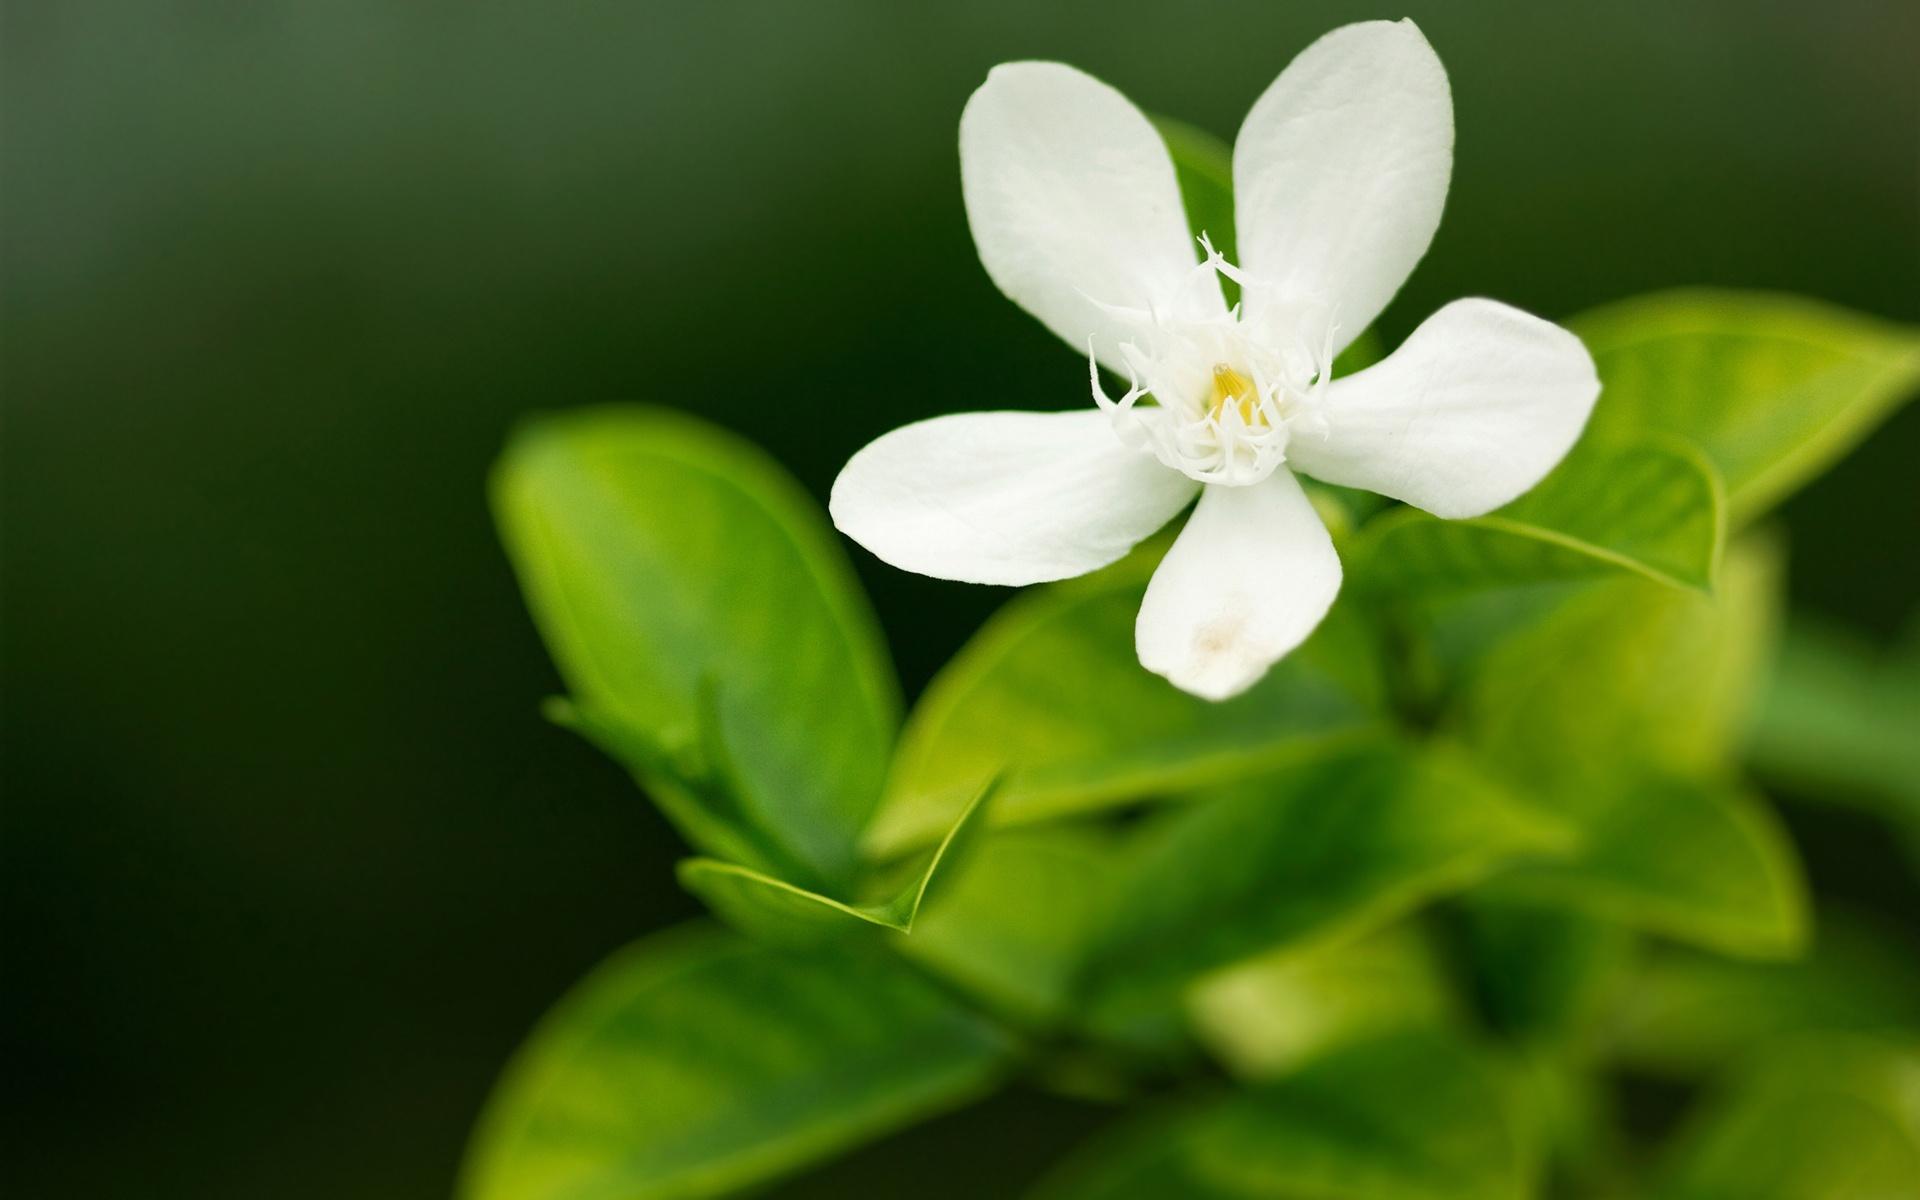 белые цветы картинки на рабочий стол